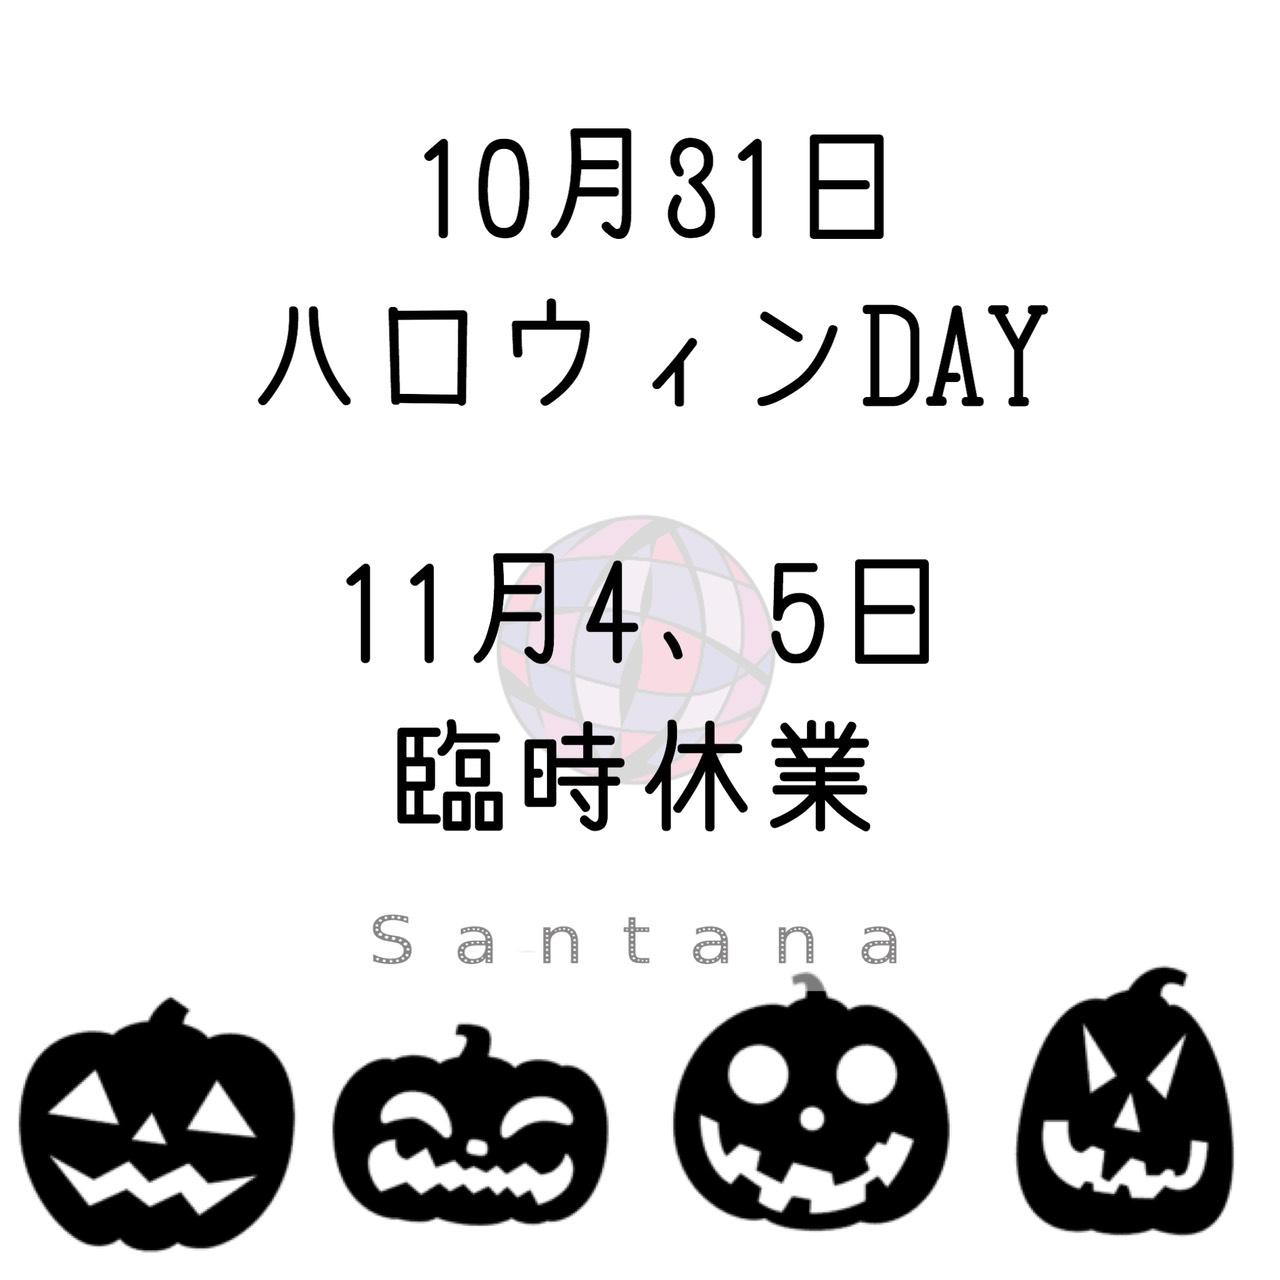 【11月4、5日】臨時休業のお知らせ